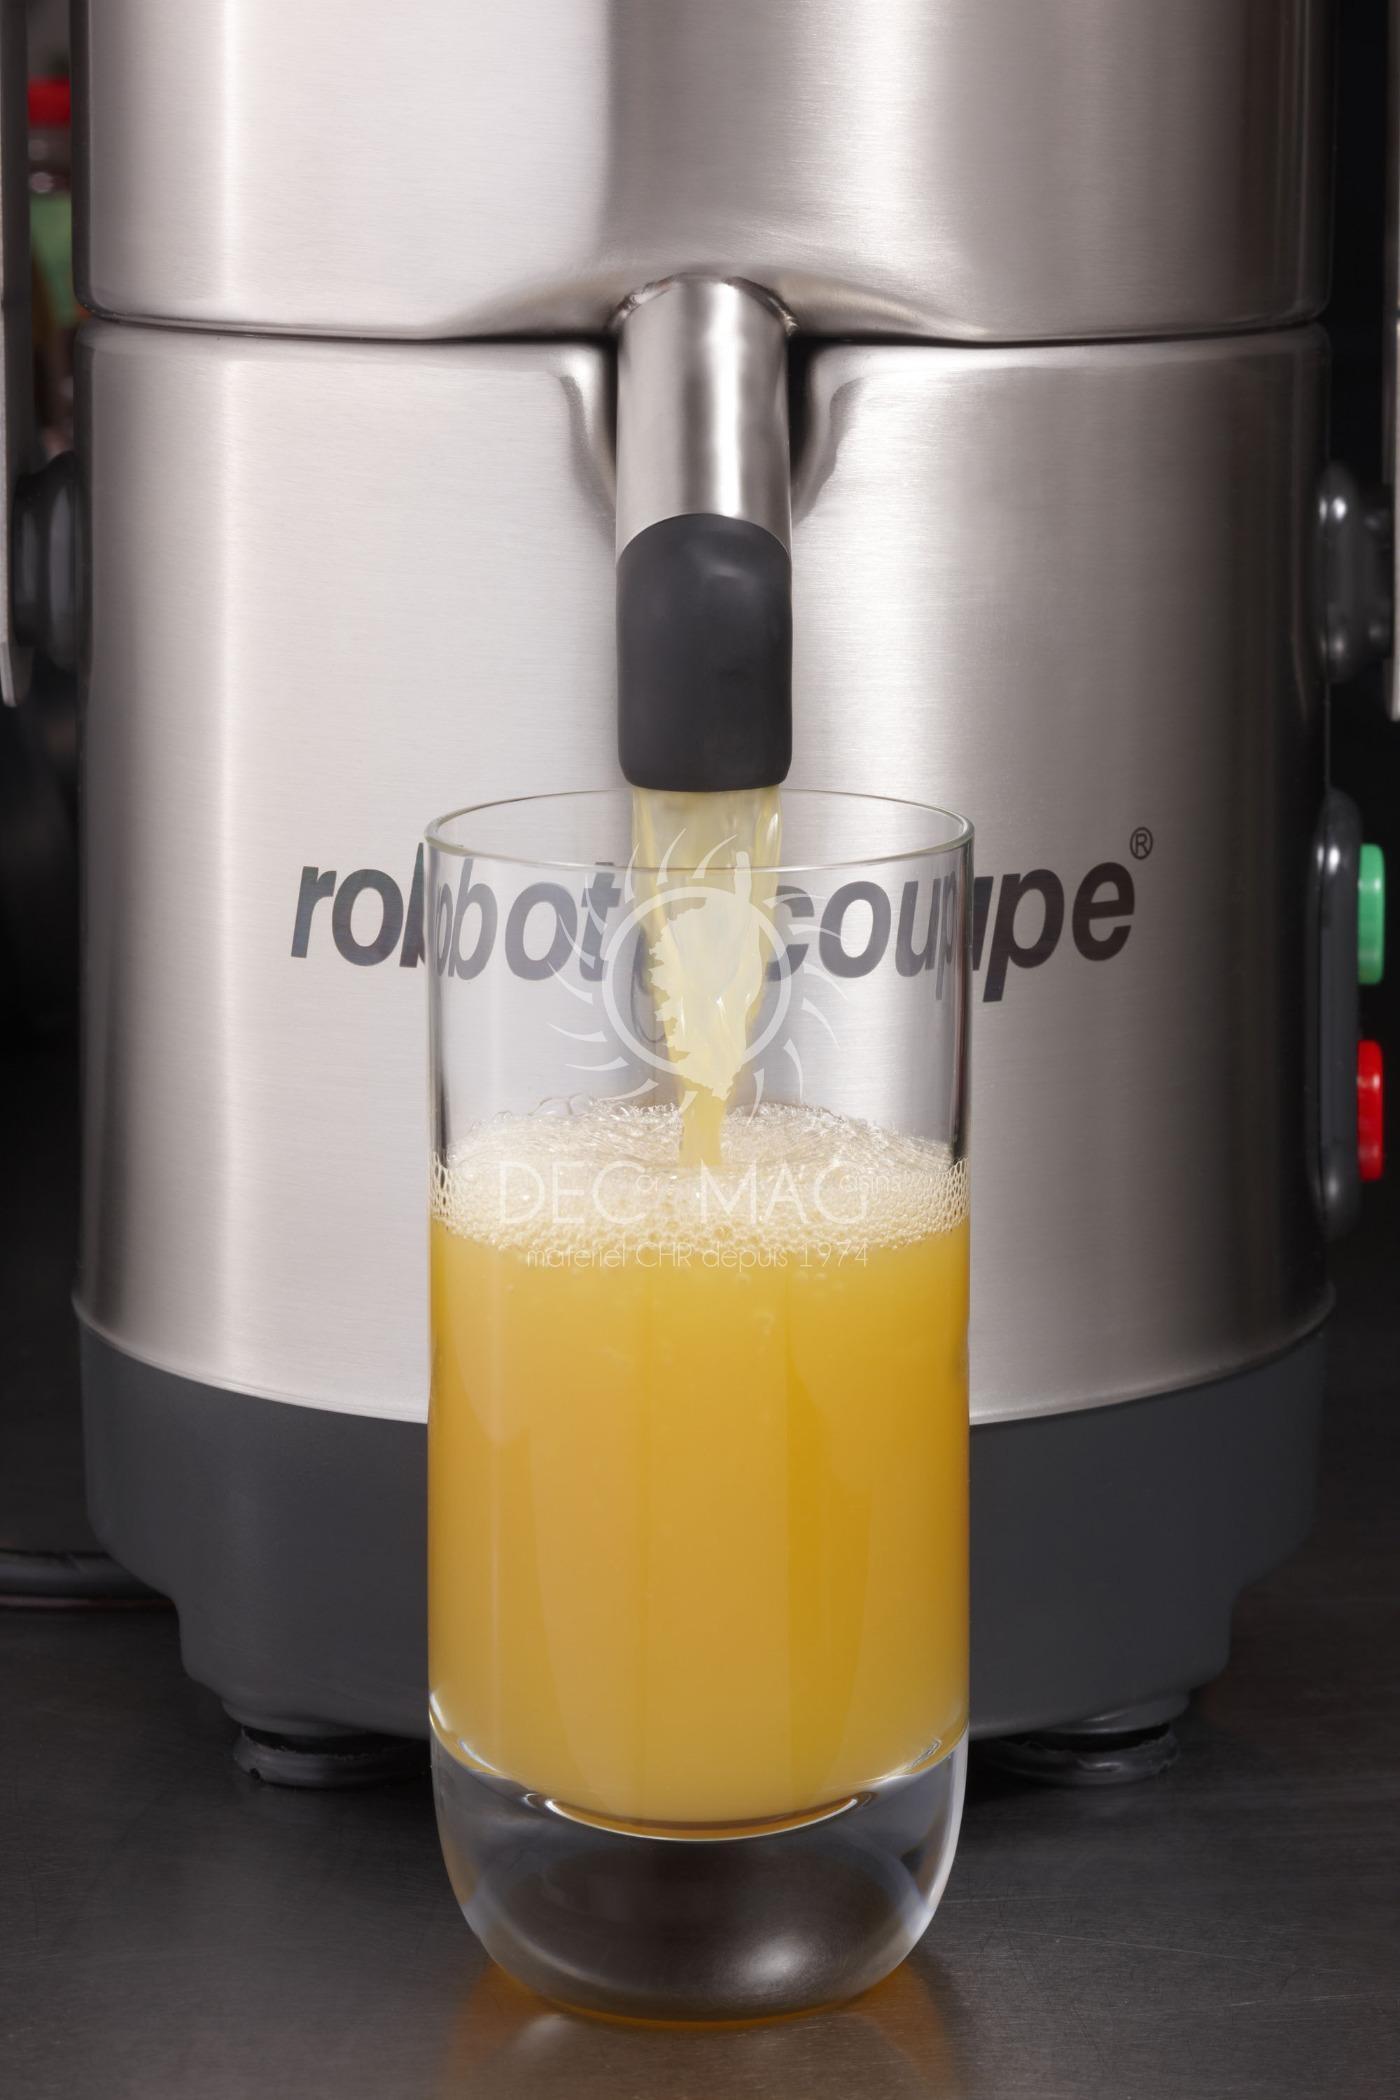 Decor magasin vente centrifugeuse robot coupe j 100 ultra pr paration bastia en corse - Robot coupe centrifugeuse ...